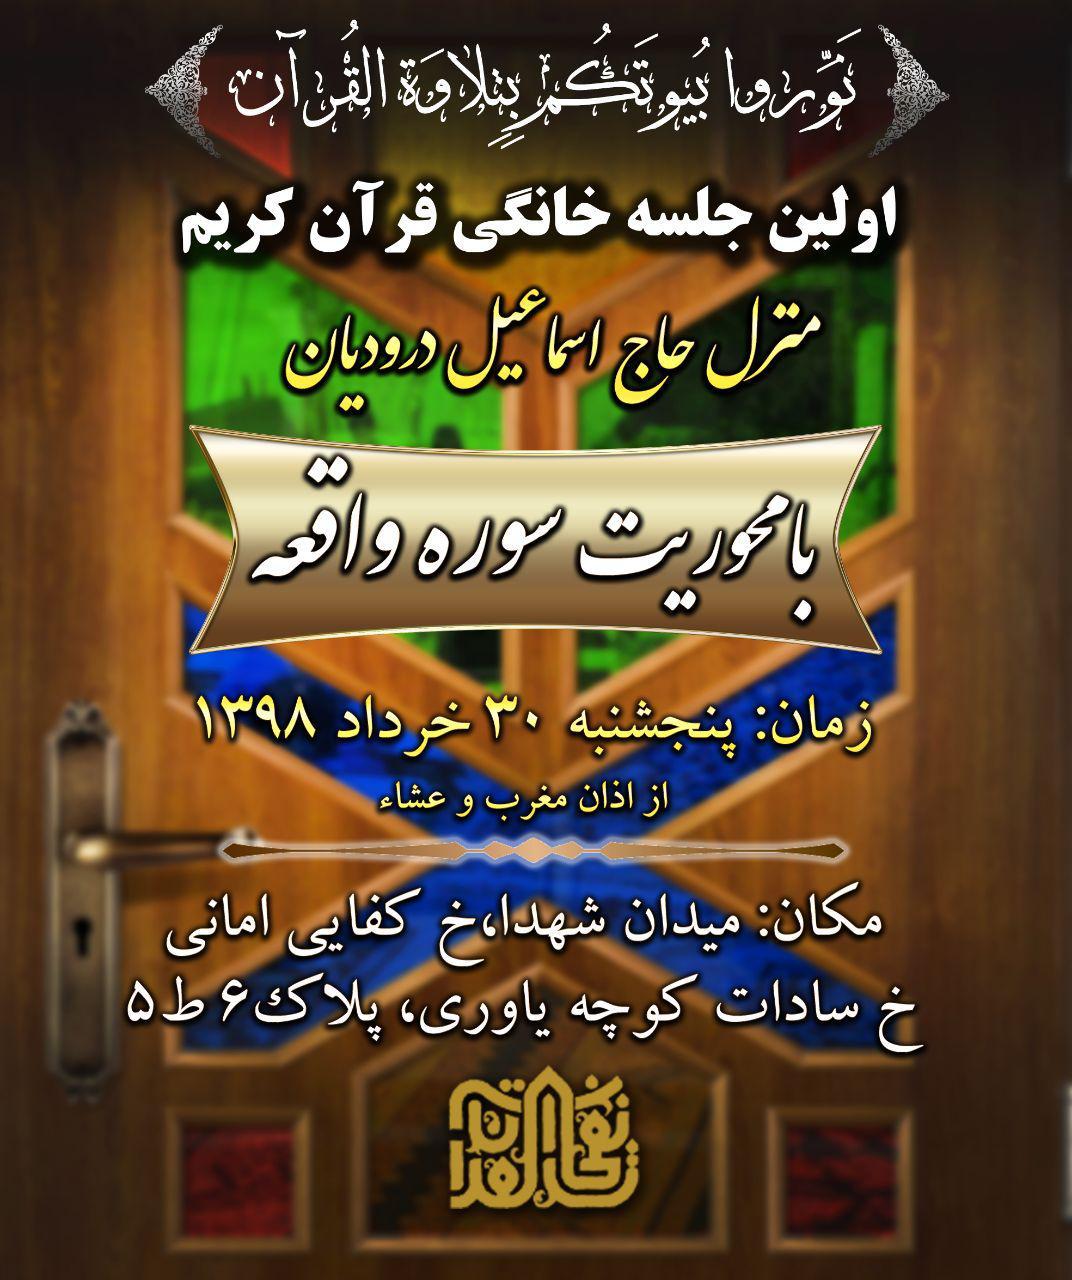 اولین جلسه قرآن خانگی نفحات القرآن برگزار میشود